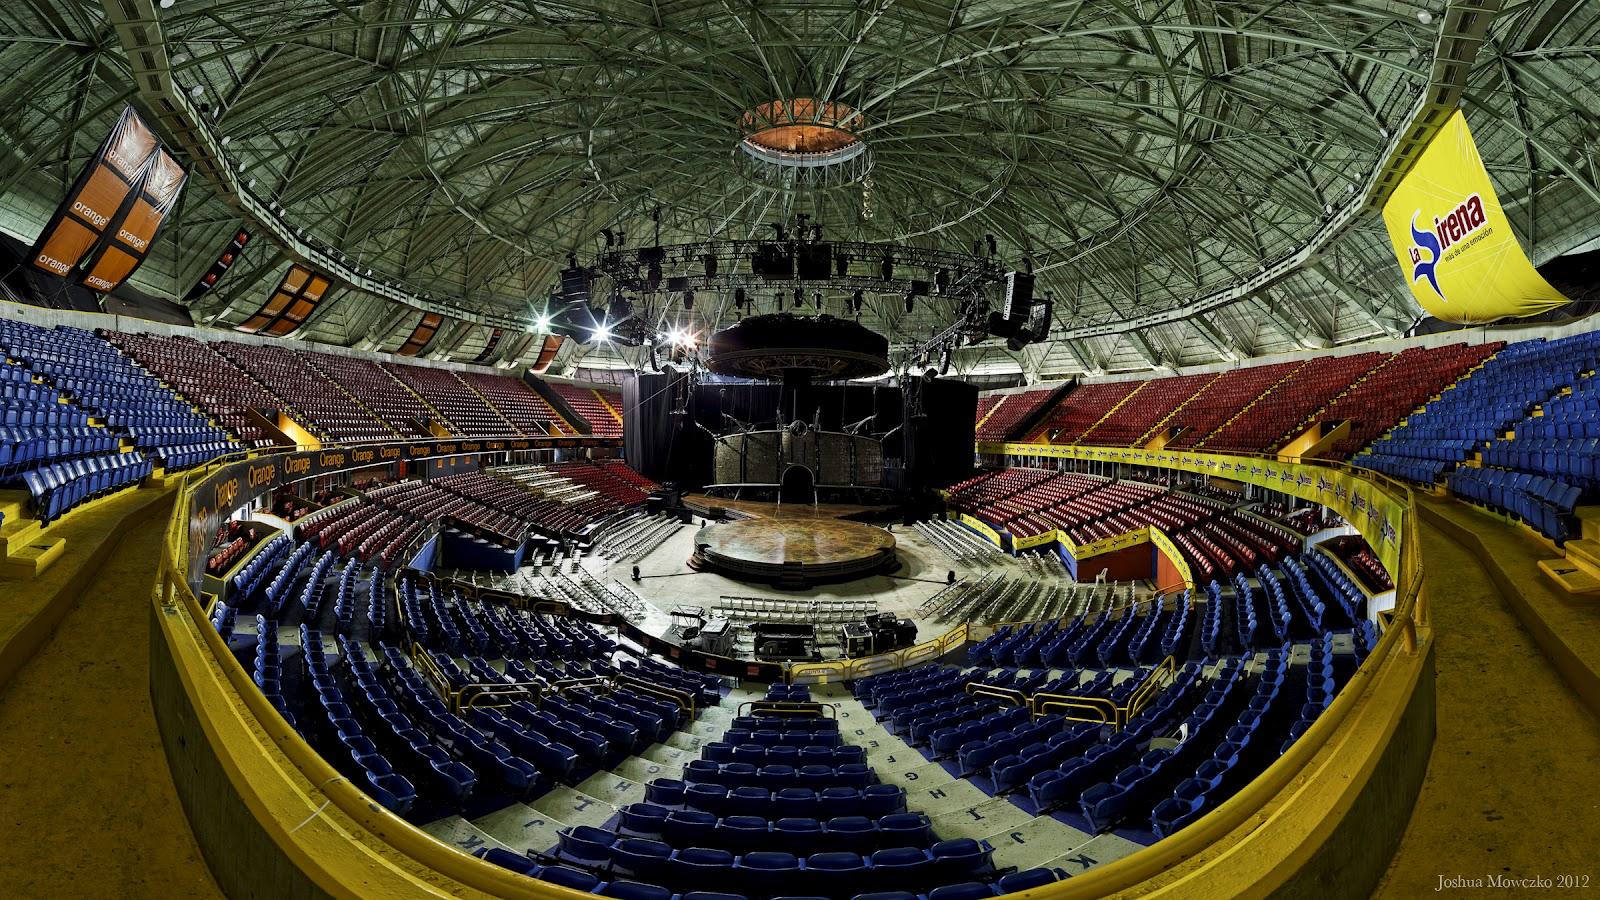 Life in the circus palacio de los deportes santo domingo dr for Puerta 7 palacio delos deportes